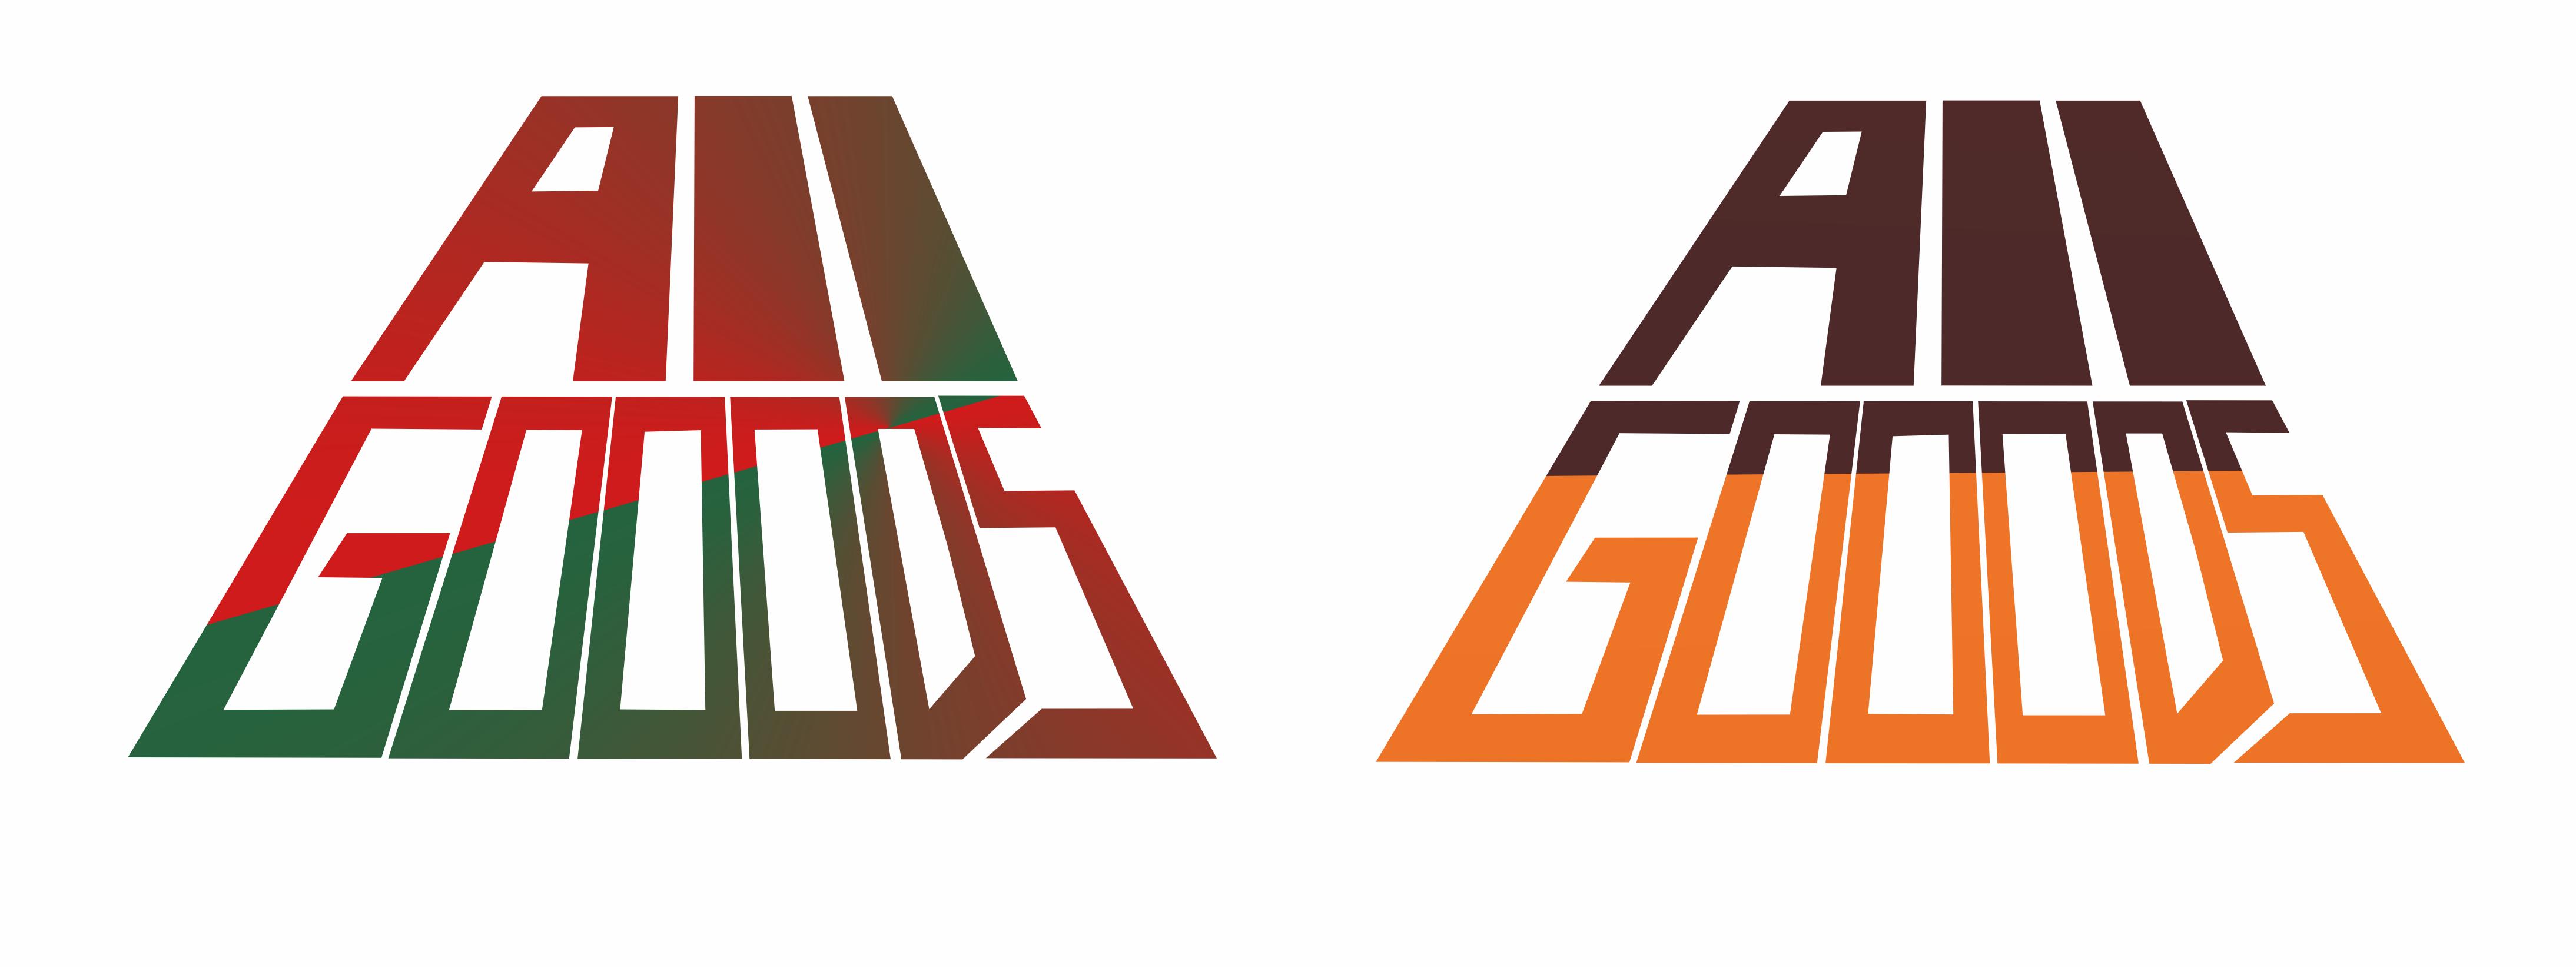 Необходимо разработать логотип фото f_63656c622b95f499.png